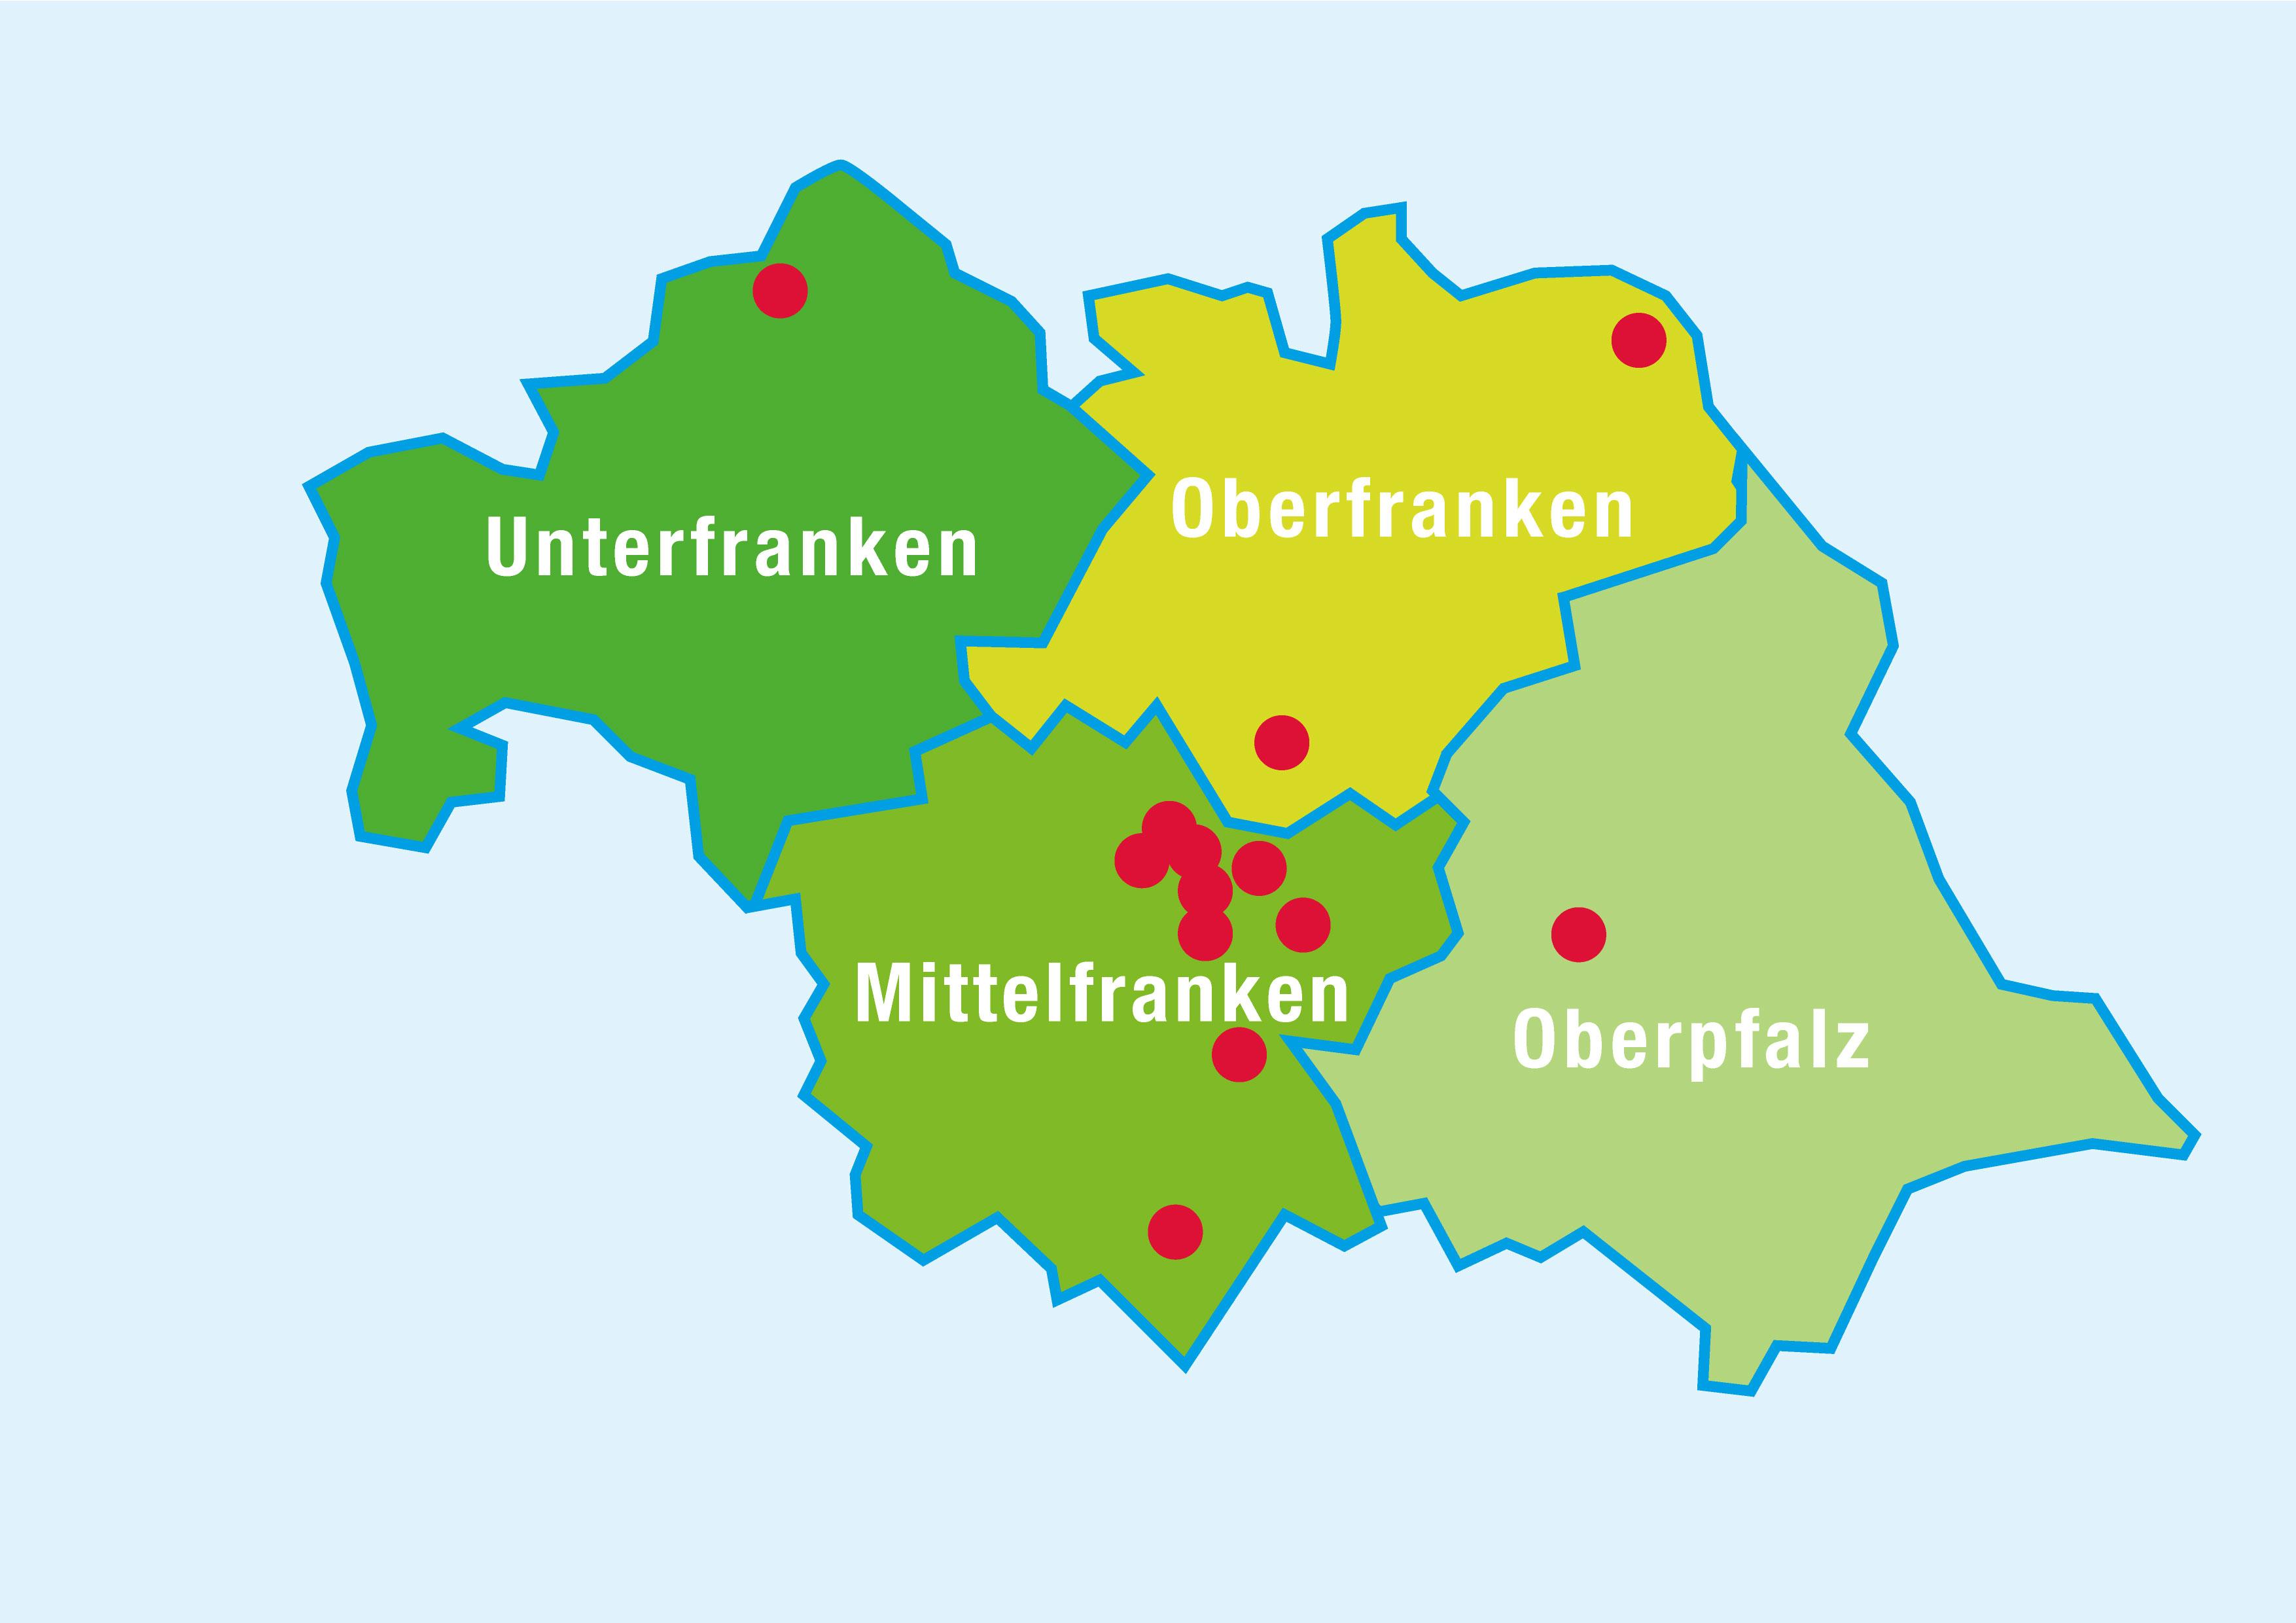 Karte Oberfranken Unterfranken Mittelfranken.Montessori Nordbayern